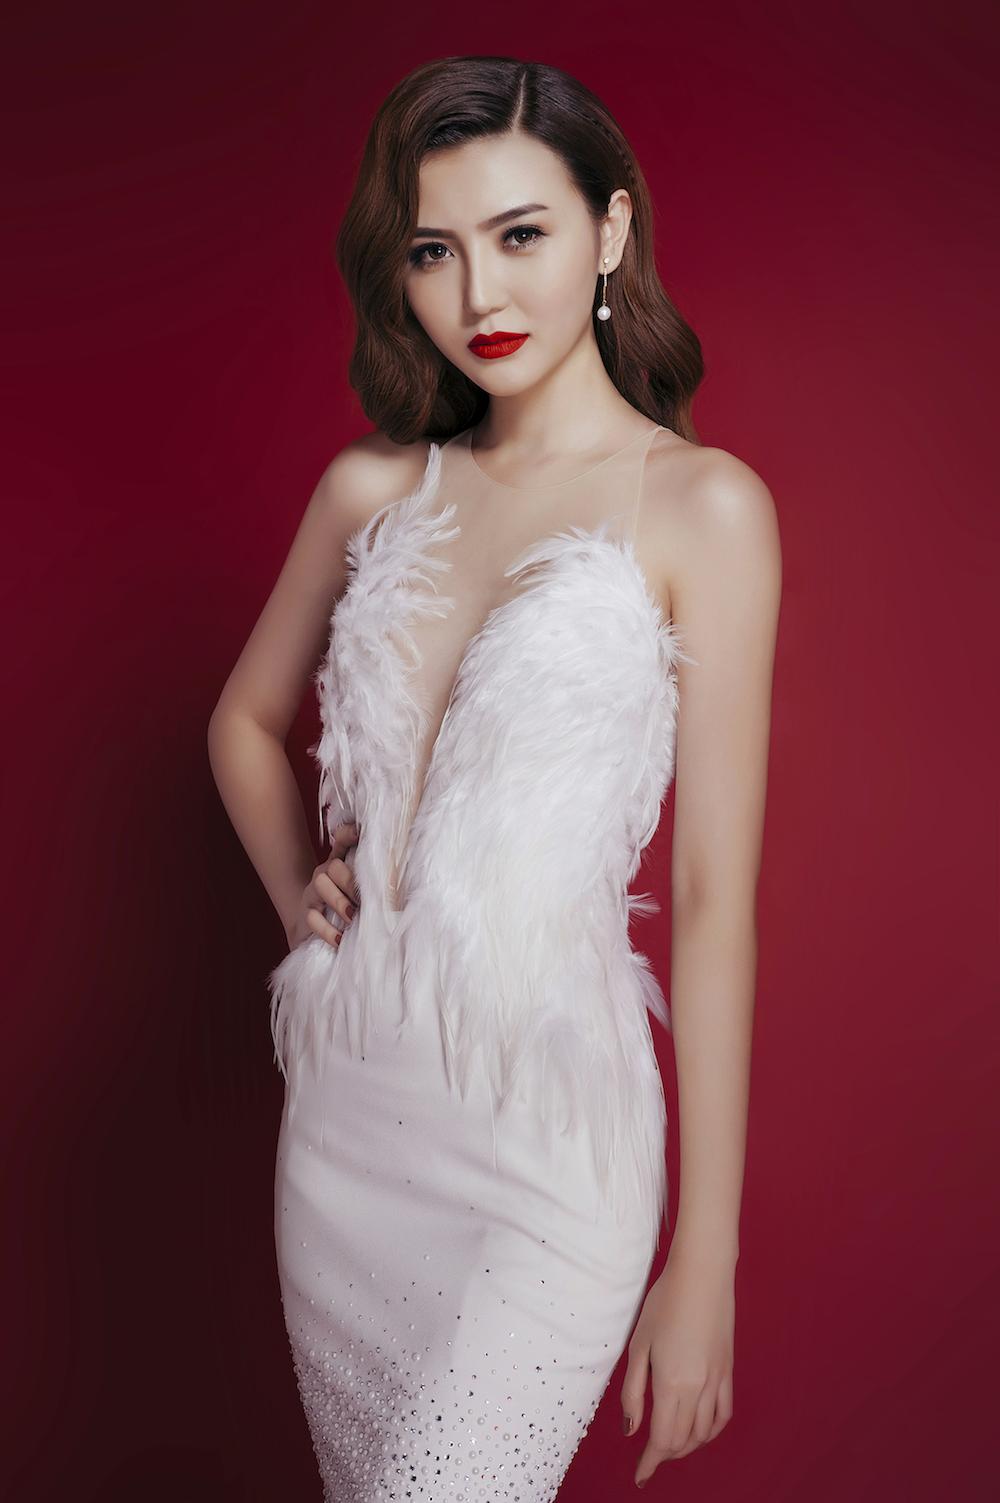 Ngọc Duyên từng tâm sự, hành trình cô mang đến Nữ hoàng Sắc đẹp Toàn cầu 2016 là sức trẻ và niềm tin. Trong suốt các vòng thi phụ, Ngọc Duyên luôn thể hiện nổi bật với khả năng tiếng Anh lưu loát. Người đẹp luôn chăm chút kỹ cho vẻ ngoài trong từng hoạt động thuộc khuôn khổ Miss Global Beauty Queen 2016.